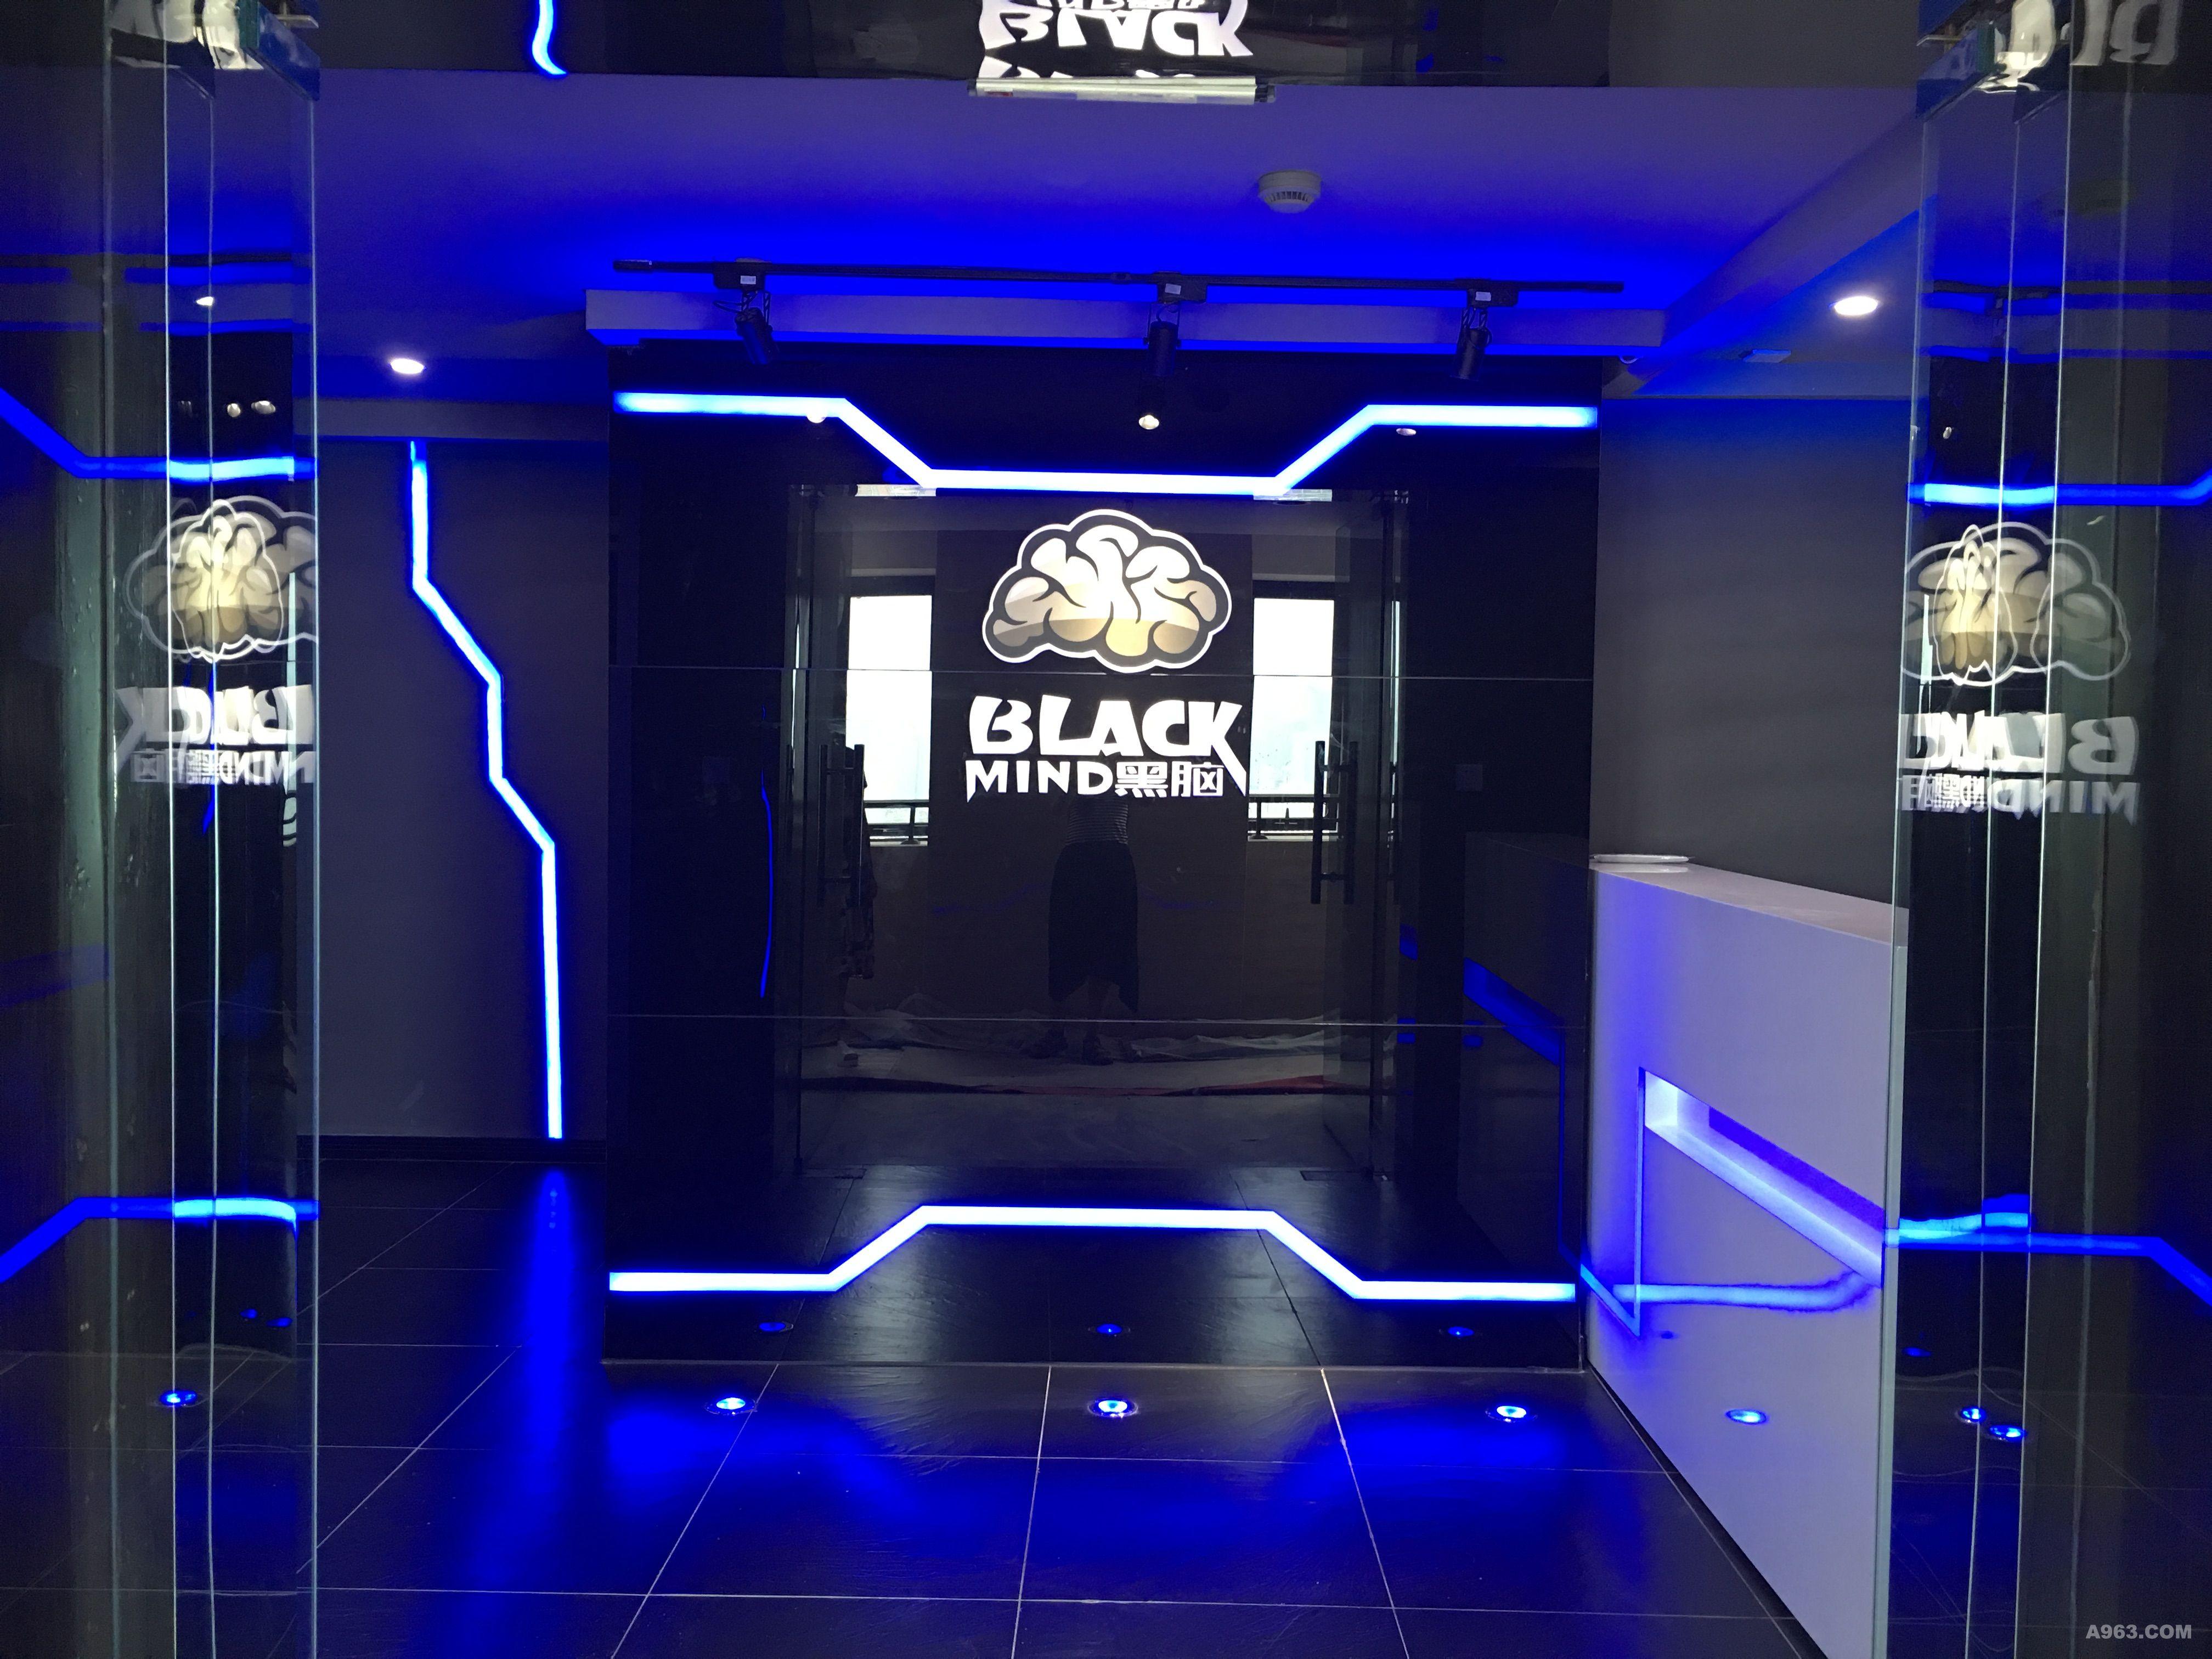 Blackmind黑脑科技(VR体验馆)项目设计主要以VR虚拟体验为主,整个空间主要在于表现出科技感,体验感,休闲感。设计分区上面做了部分功能分区,VR体验及休闲功能相对独立,休闲区域的设计可以上体验者感受到小清吧的惬意。本案以灰色系为主打,以蓝色线条灯光穿梭整个空间,以此打造出一个具有现代科技氛围感的次时代,无论是装修风格,还是家具选择上,都让体验馆充满了科技时尚的感觉。